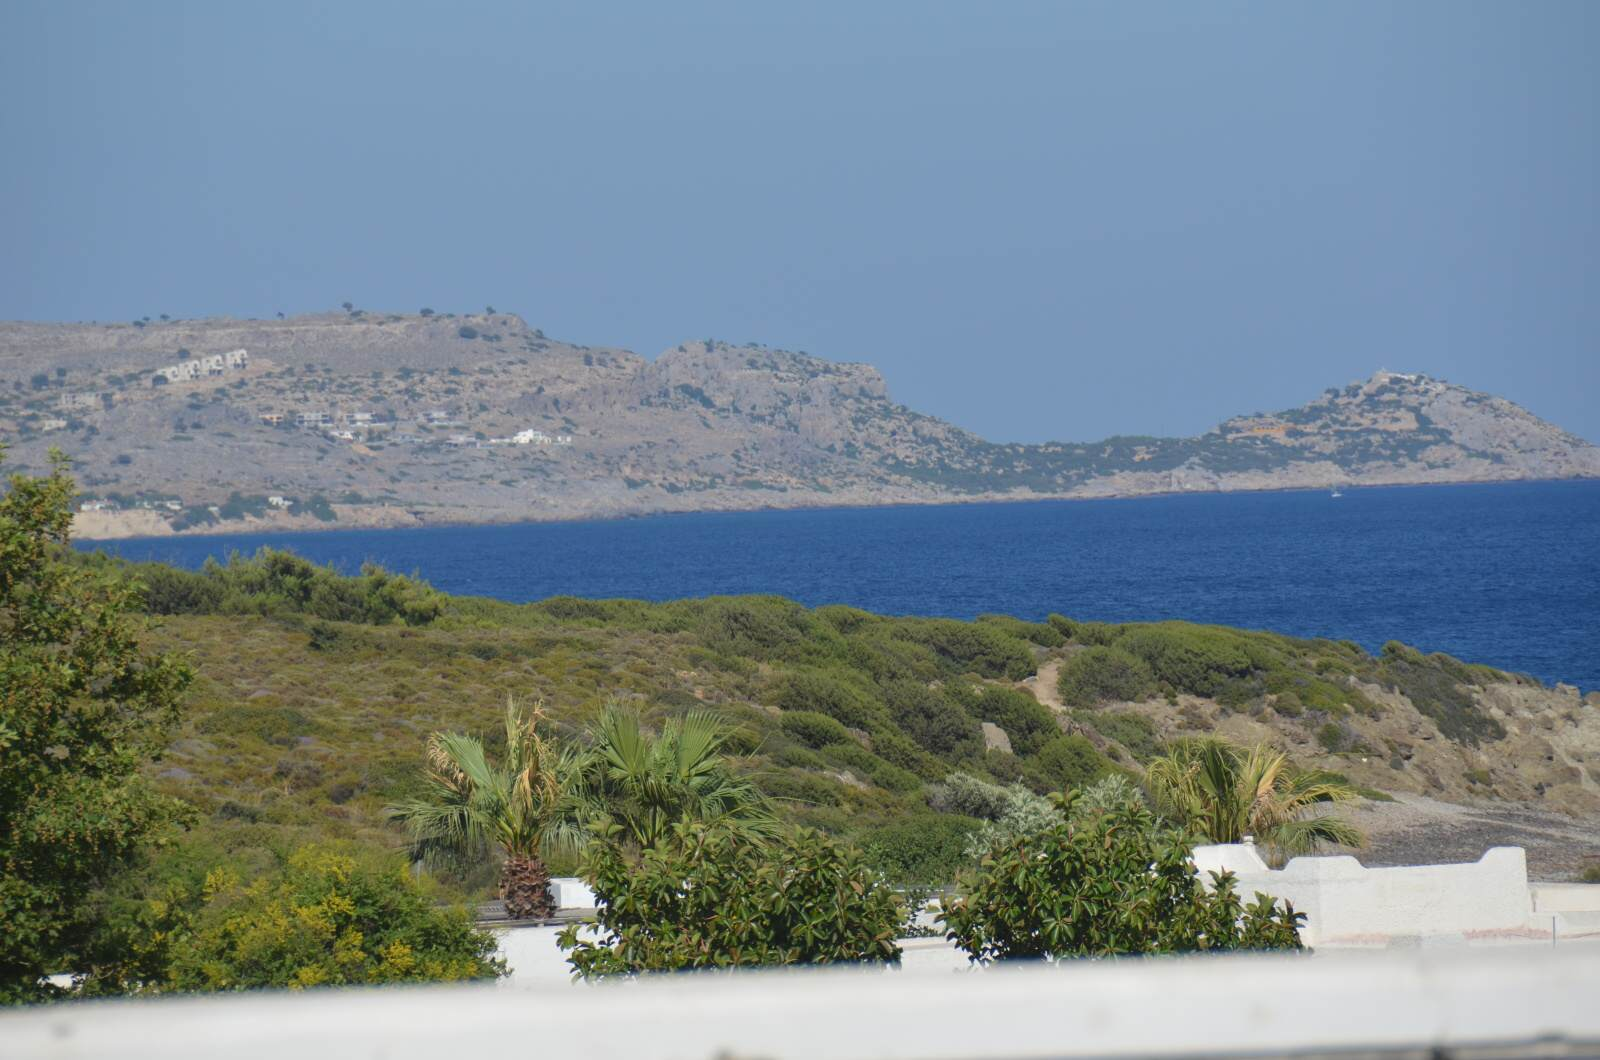 Výhled z pokoje (na druhou stranu od hotelu), skály, hezky modré moře, klid a pohoda.